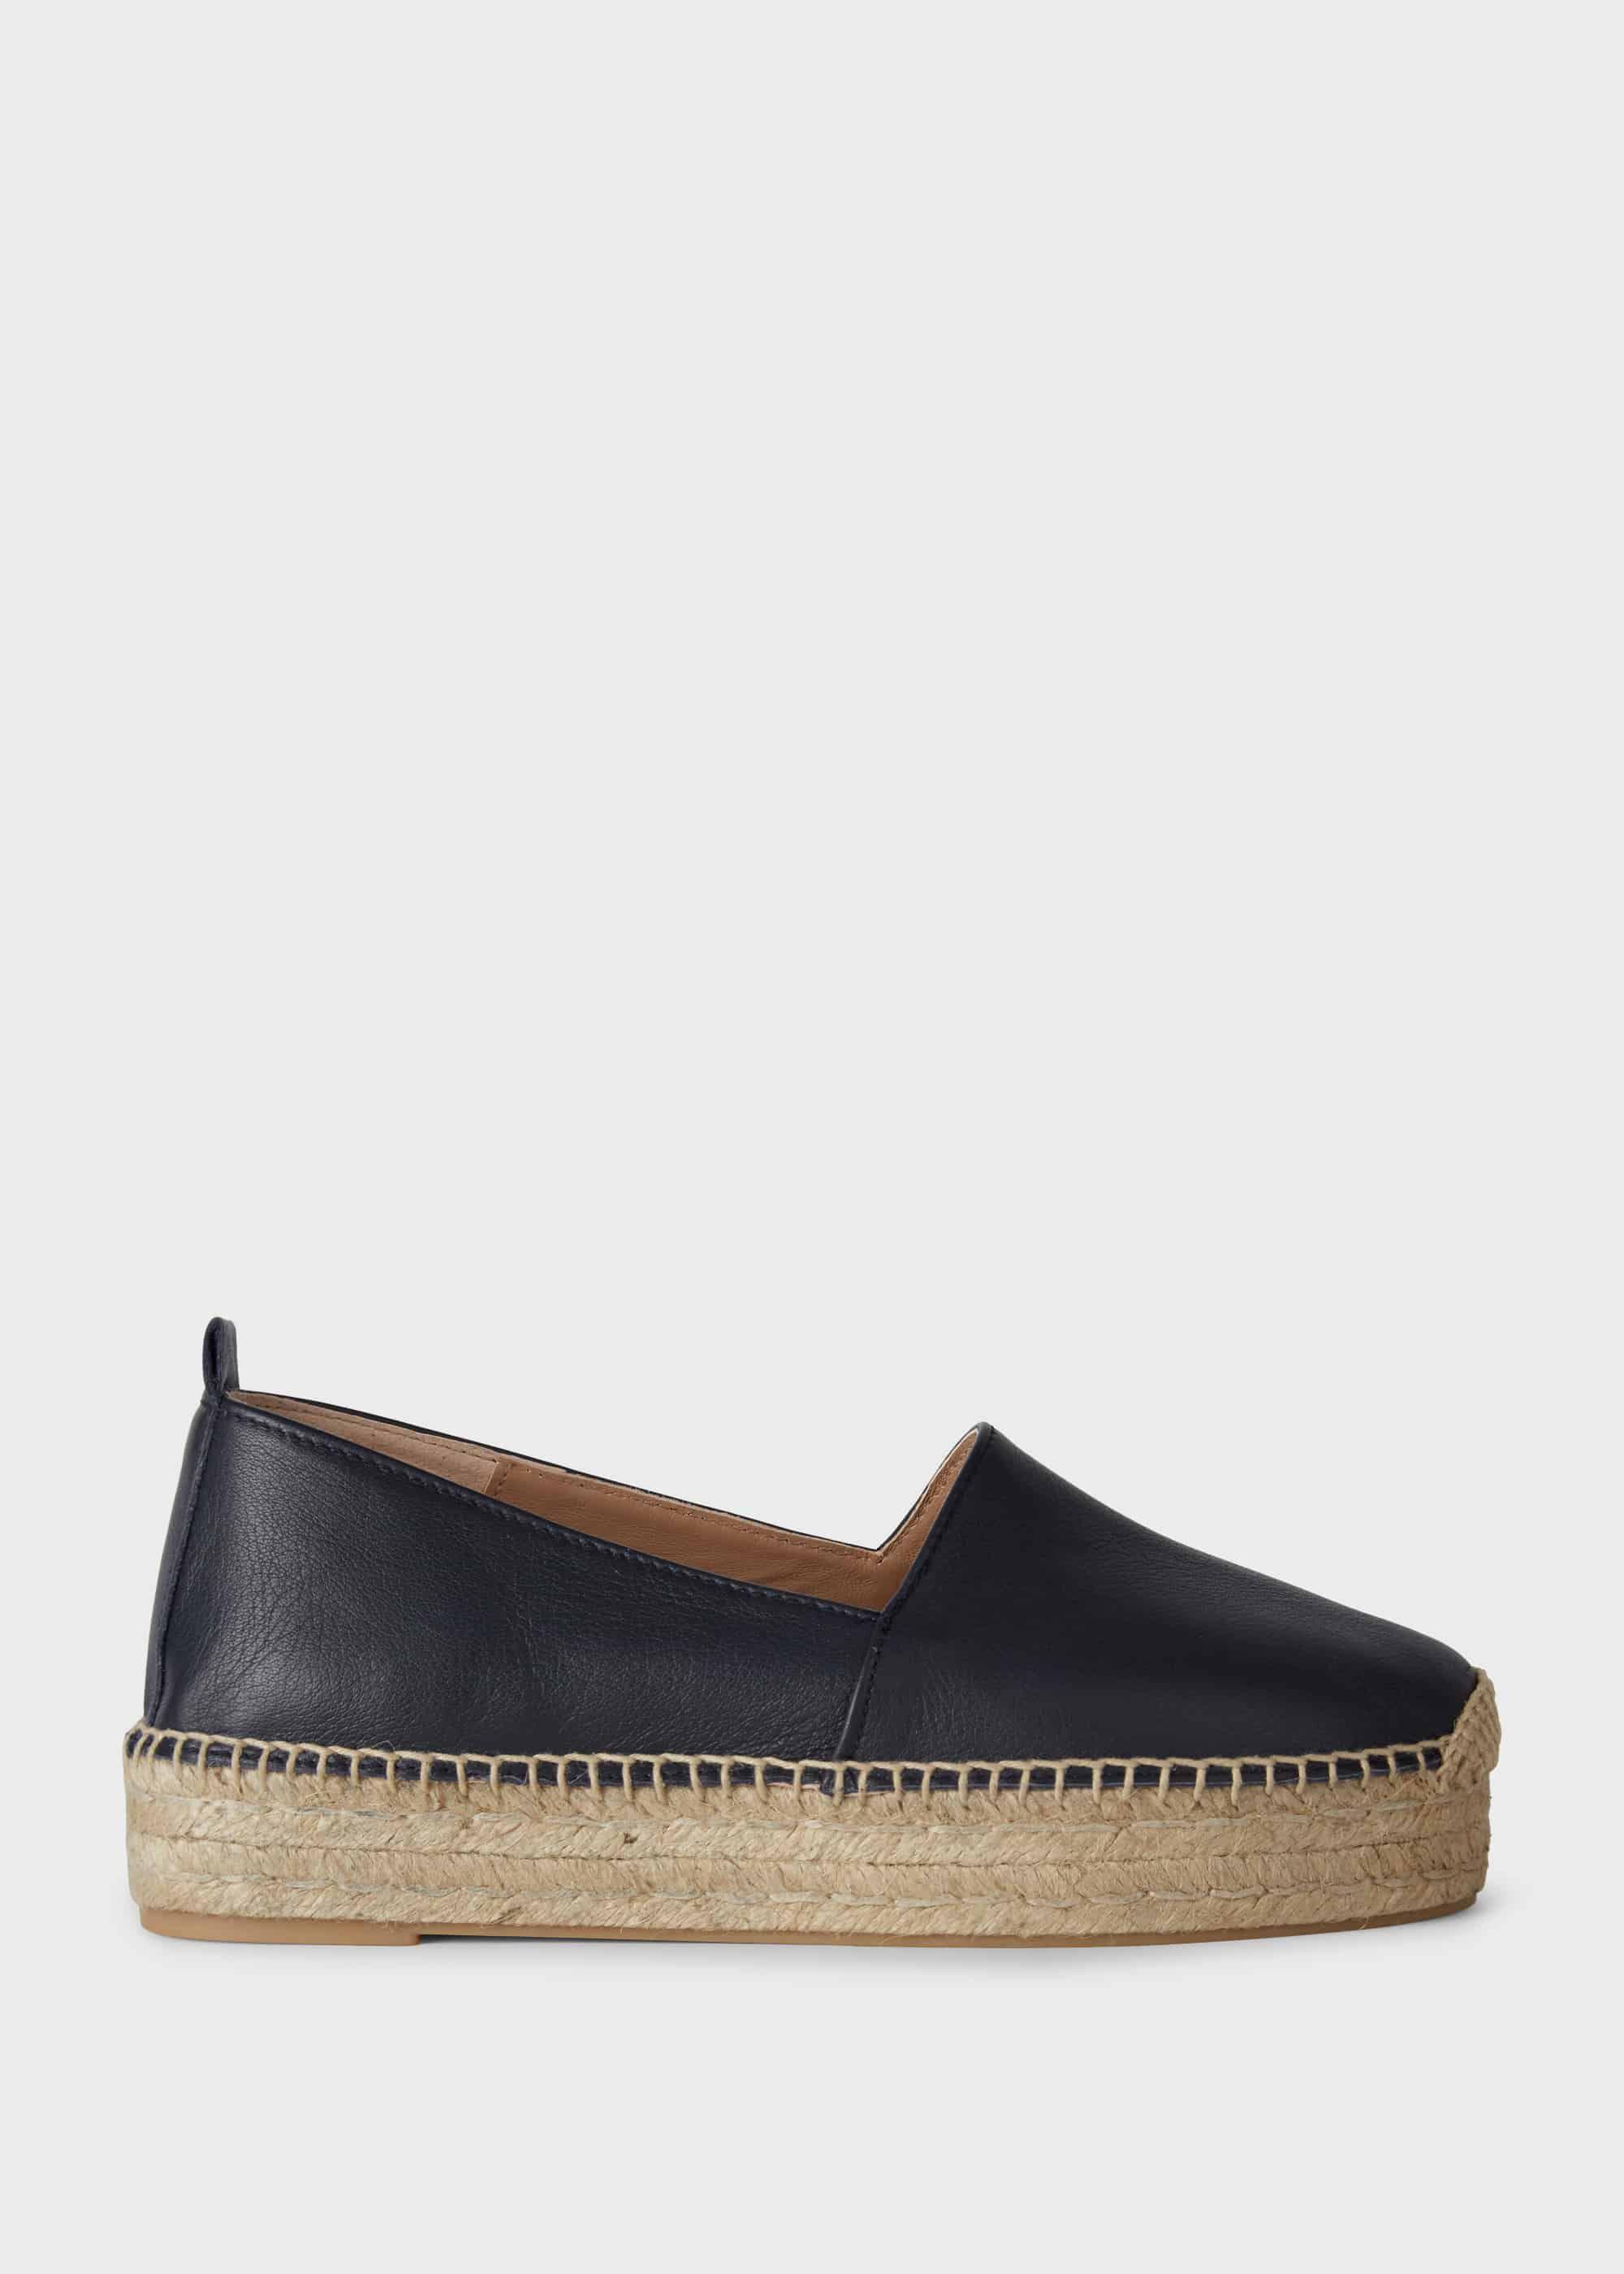 Various Sizes Hobbs Serena Fine Suede Black Mule Shoes RRP £149.